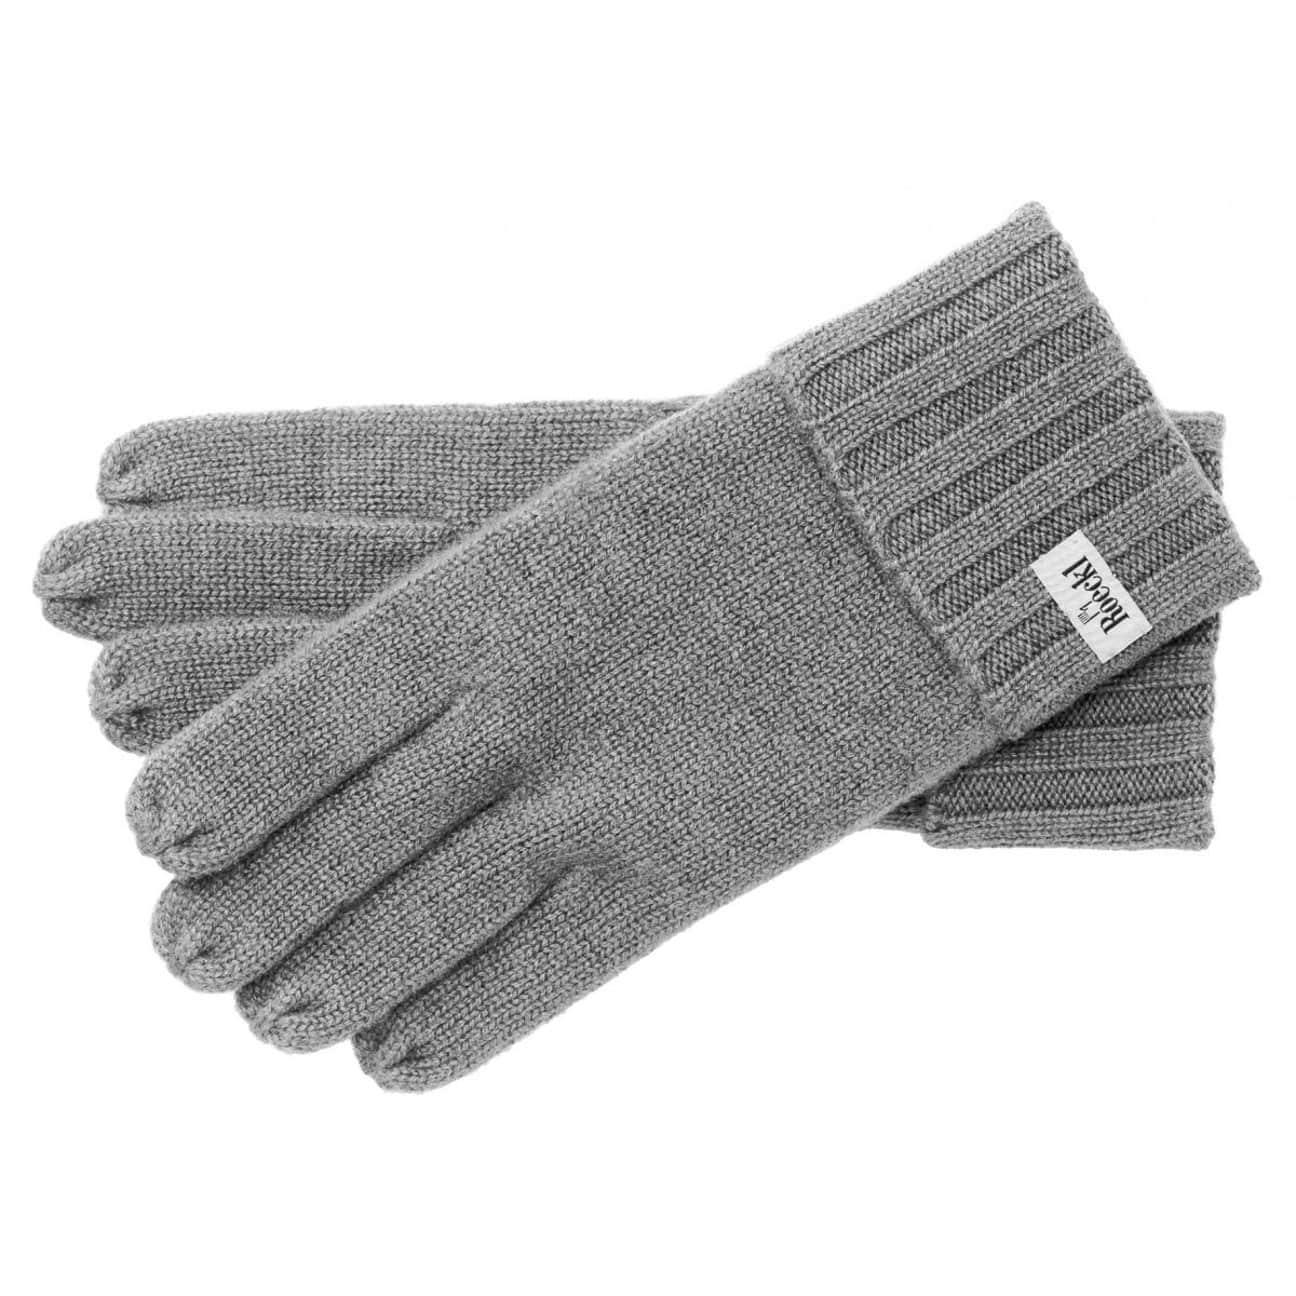 f6b049b8ccfdac Cashmere Rib Gloves by Roeckl - grey 1 ...